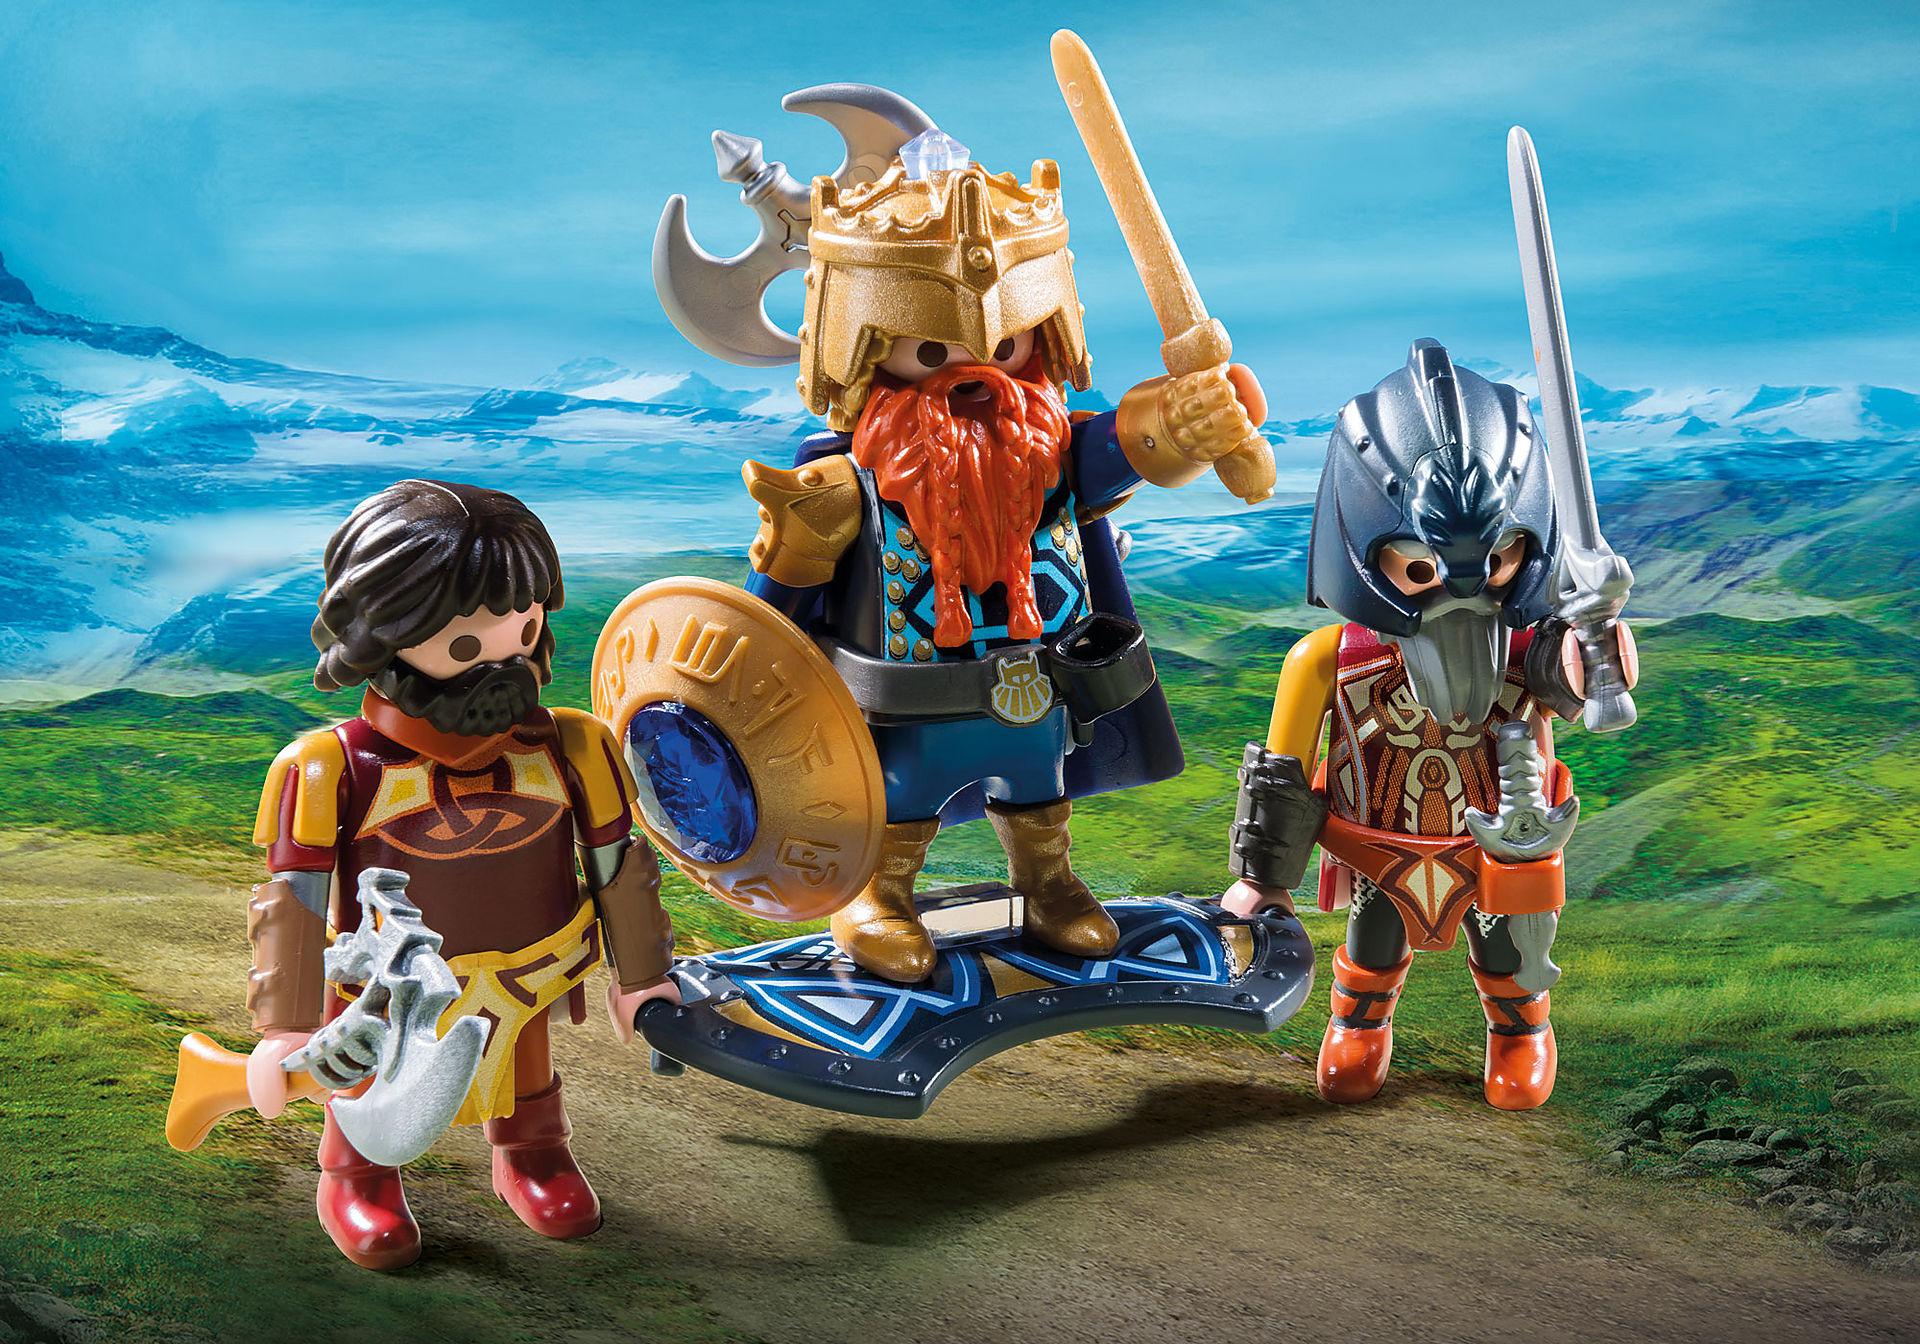 http://media.playmobil.com/i/playmobil/9344_product_extra1/Rey de los Enanos